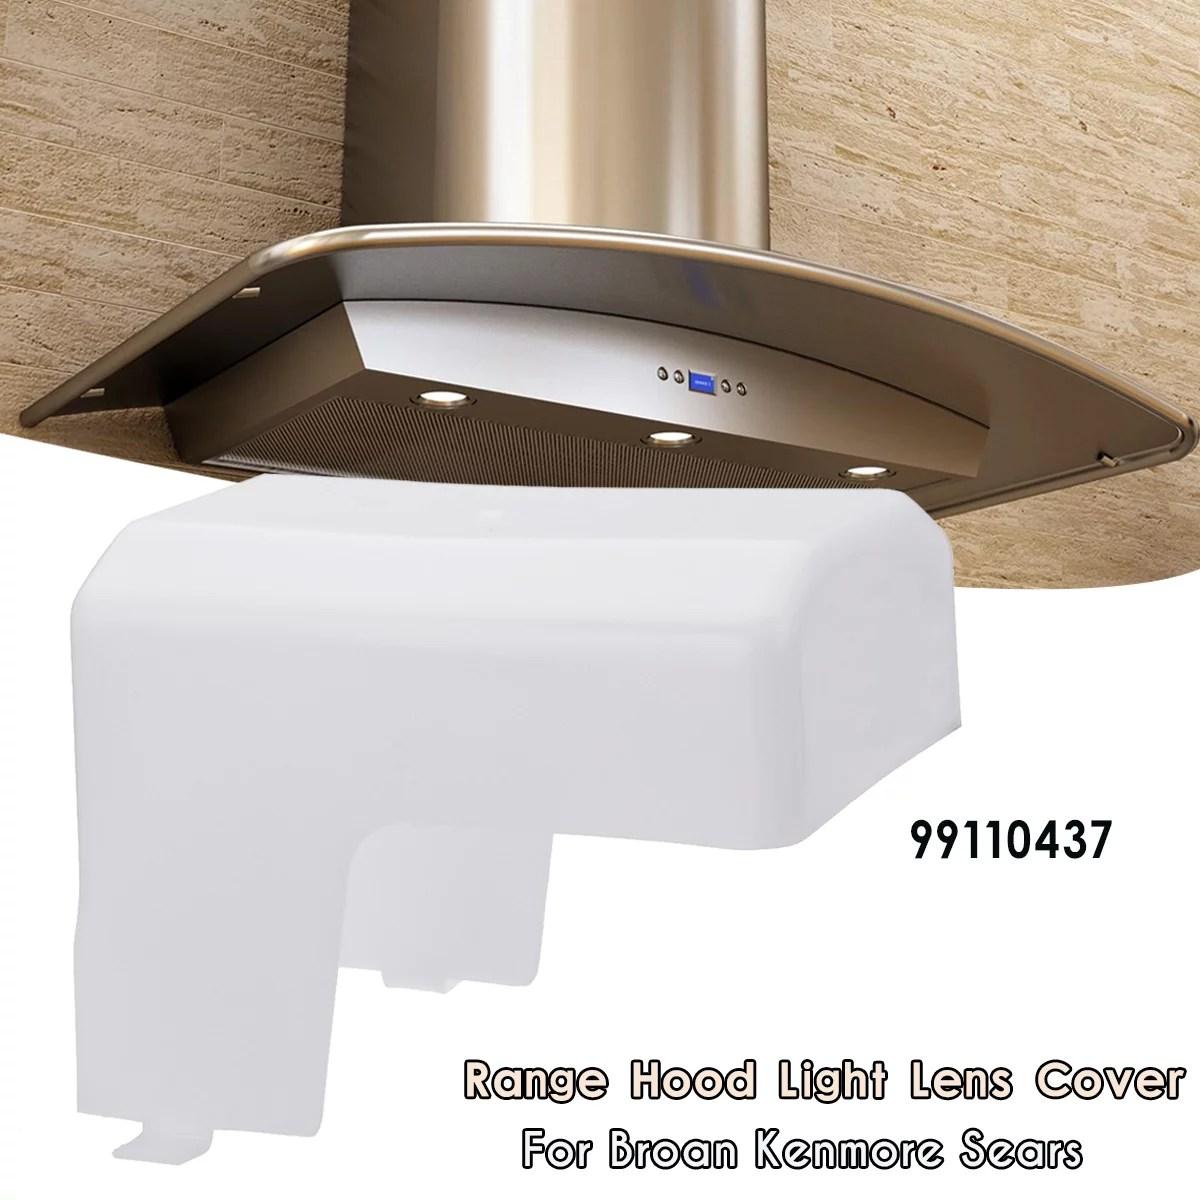 range hood light lens cover genuine nutone broan oem light lens cover for range vent hood walmart com